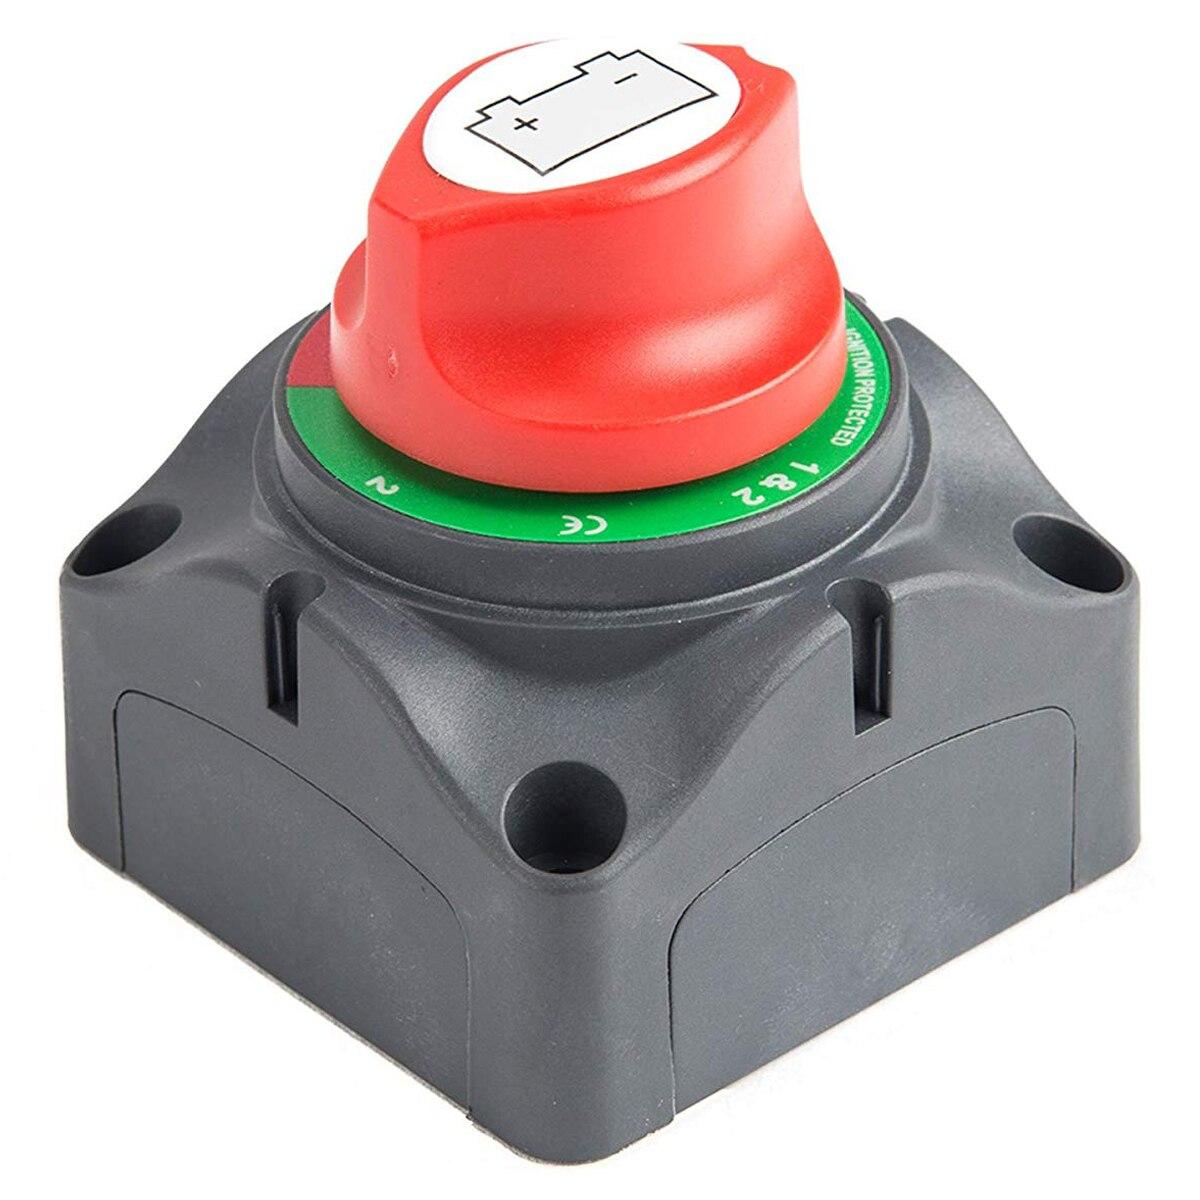 Posição 3 Interruptor Mestre Disconnect Isolador, 12-60 V Energia Da Bateria Cut Off Kill Switch, apto para o Carro/Veículo/RV/Barco/Marine, 20